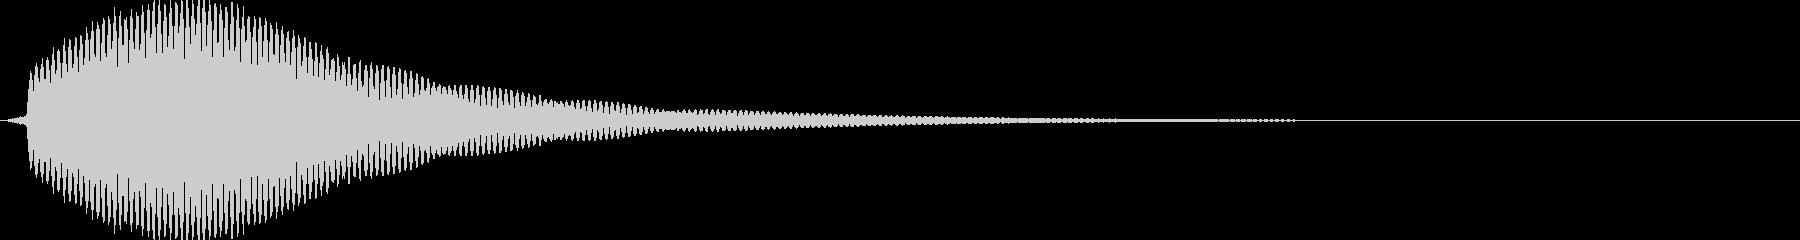 ブン(起動系)の未再生の波形